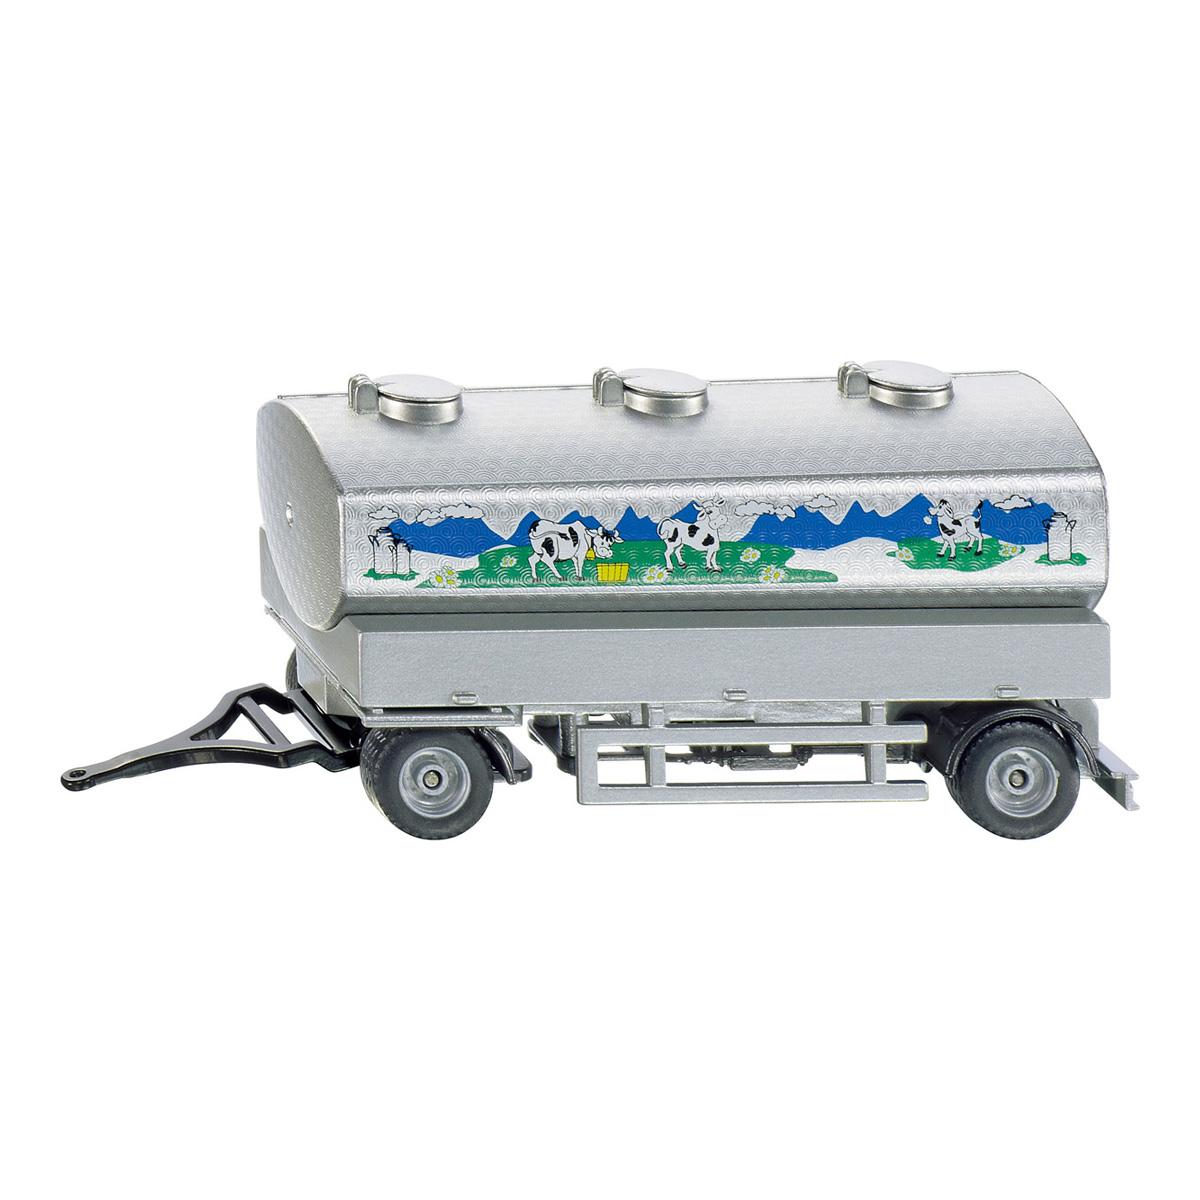 牛乳運搬用タンカー (ジク・SIKU)